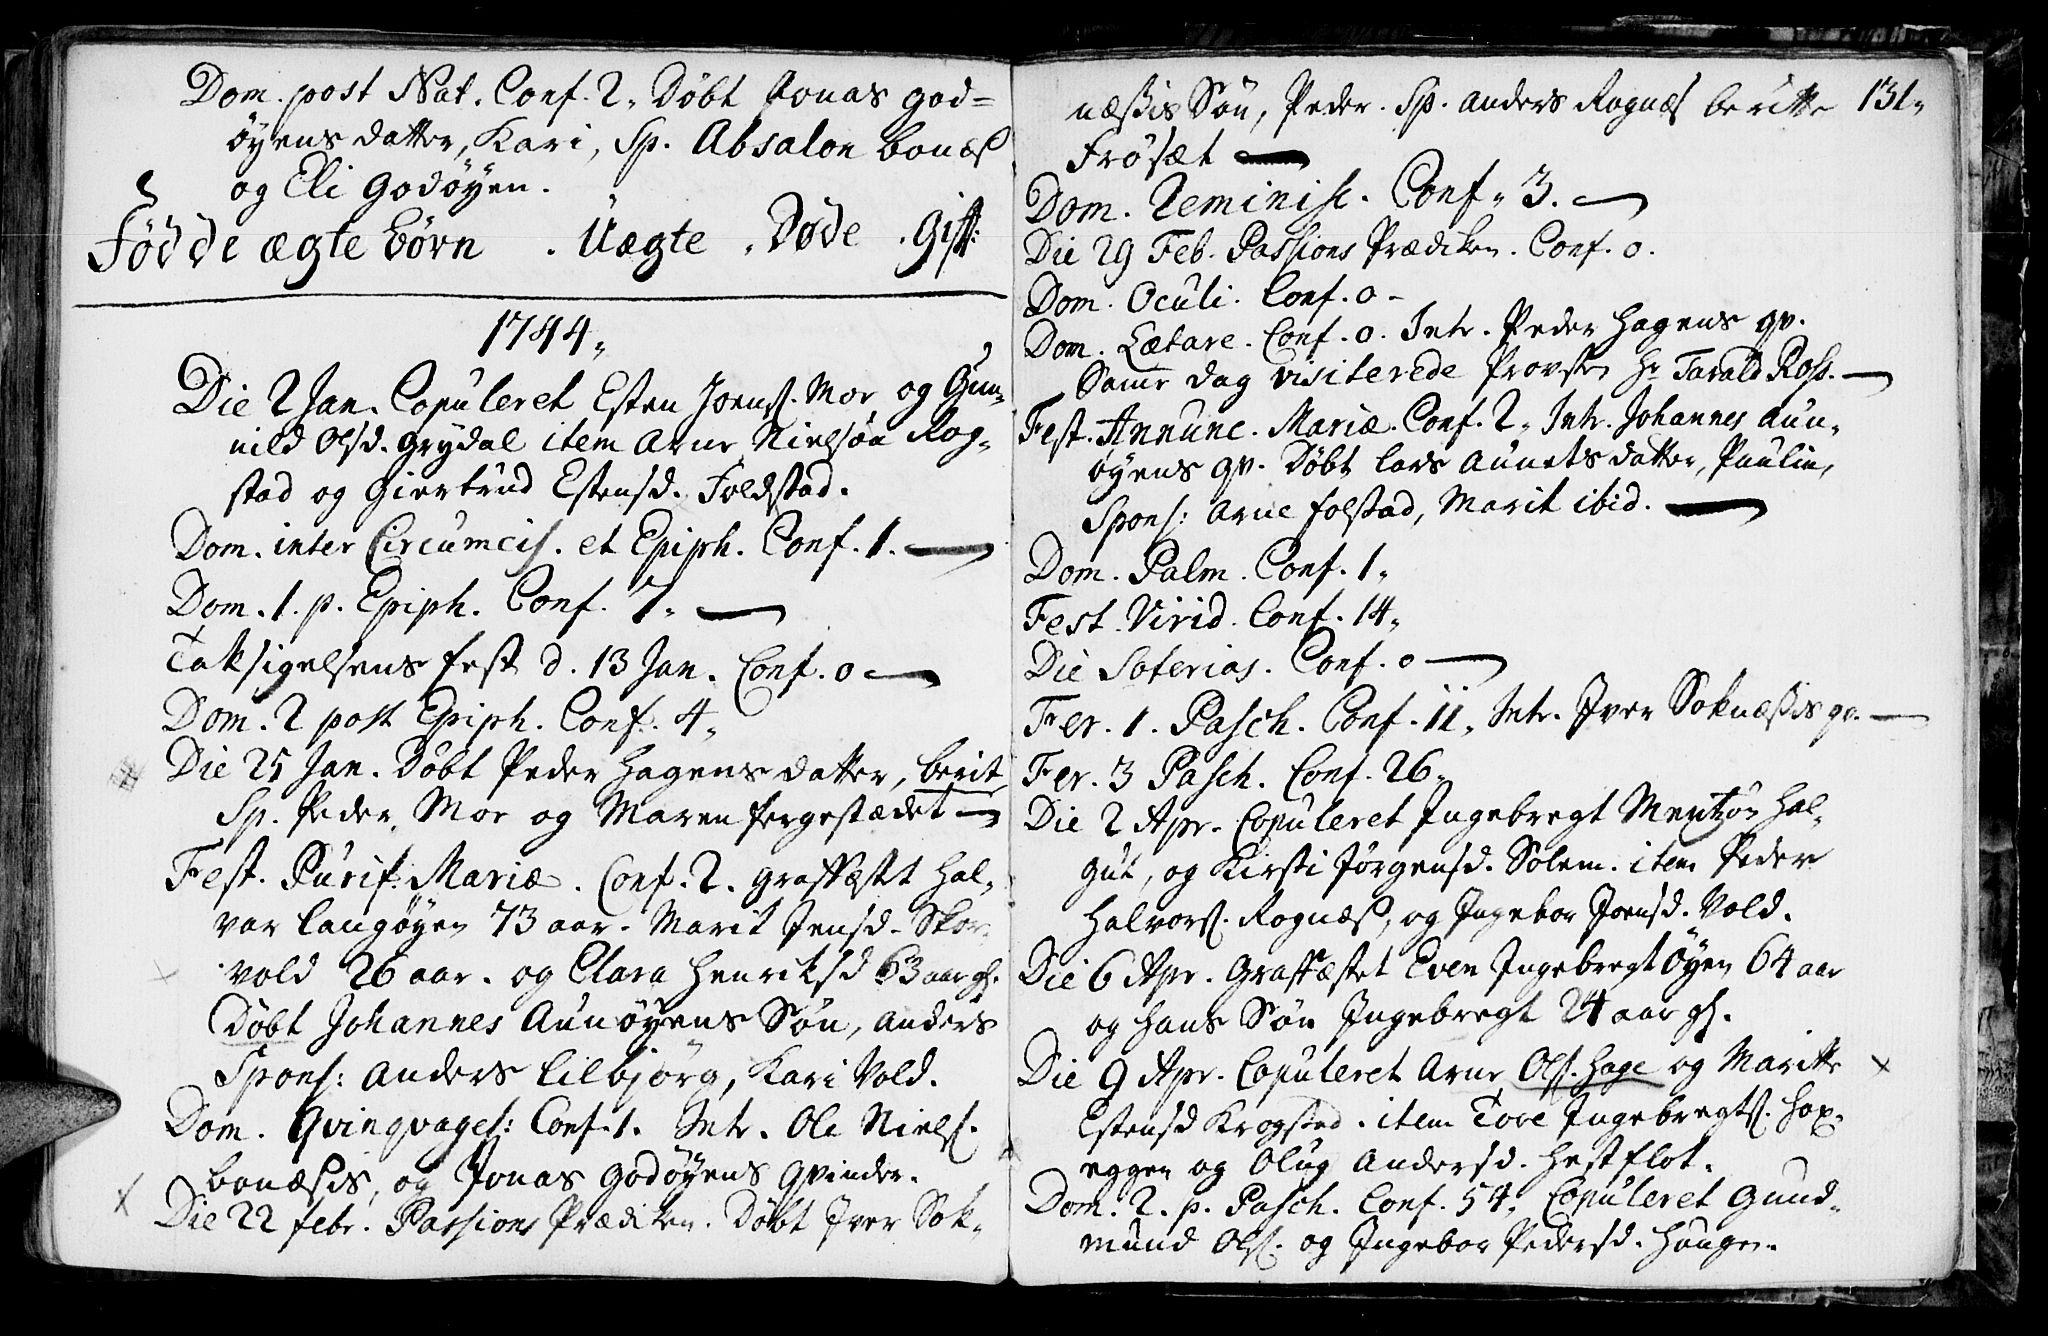 SAT, Ministerialprotokoller, klokkerbøker og fødselsregistre - Sør-Trøndelag, 687/L0990: Ministerialbok nr. 687A01, 1690-1746, s. 131